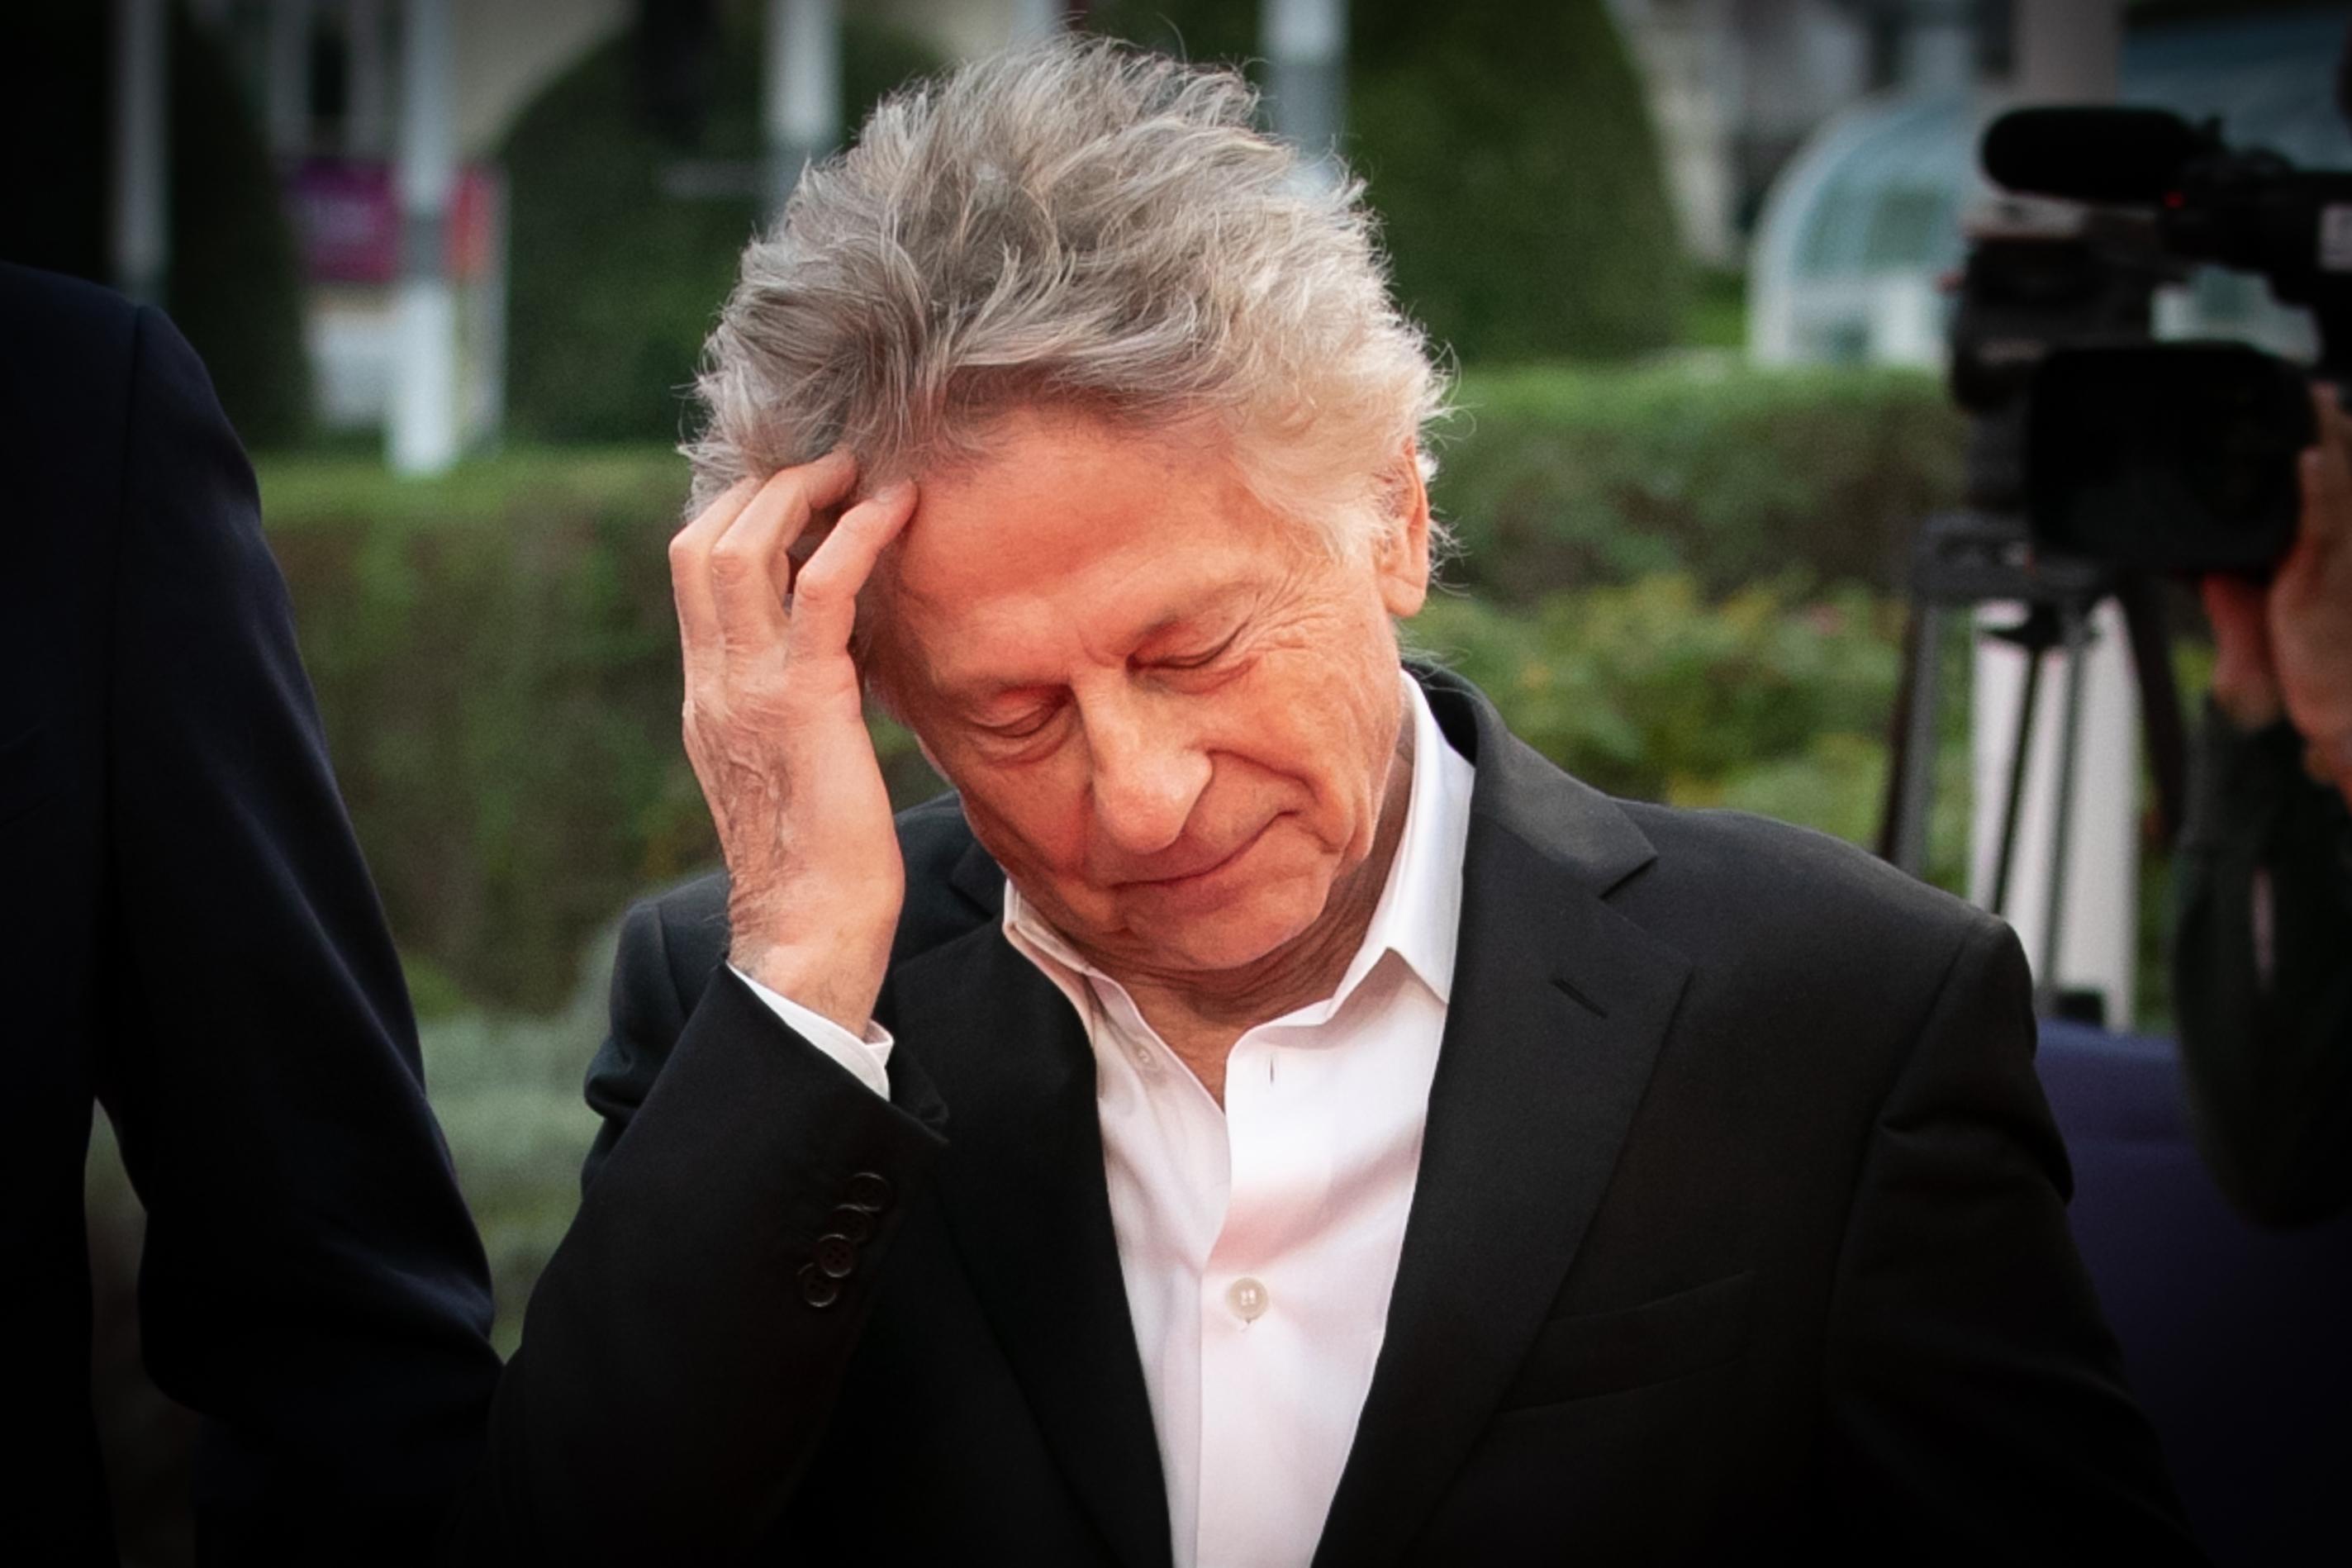 Több nő is kivonult a teremből, amikor a nemi erőszakért elítélt Roman Polanski nyerte a César-díjat